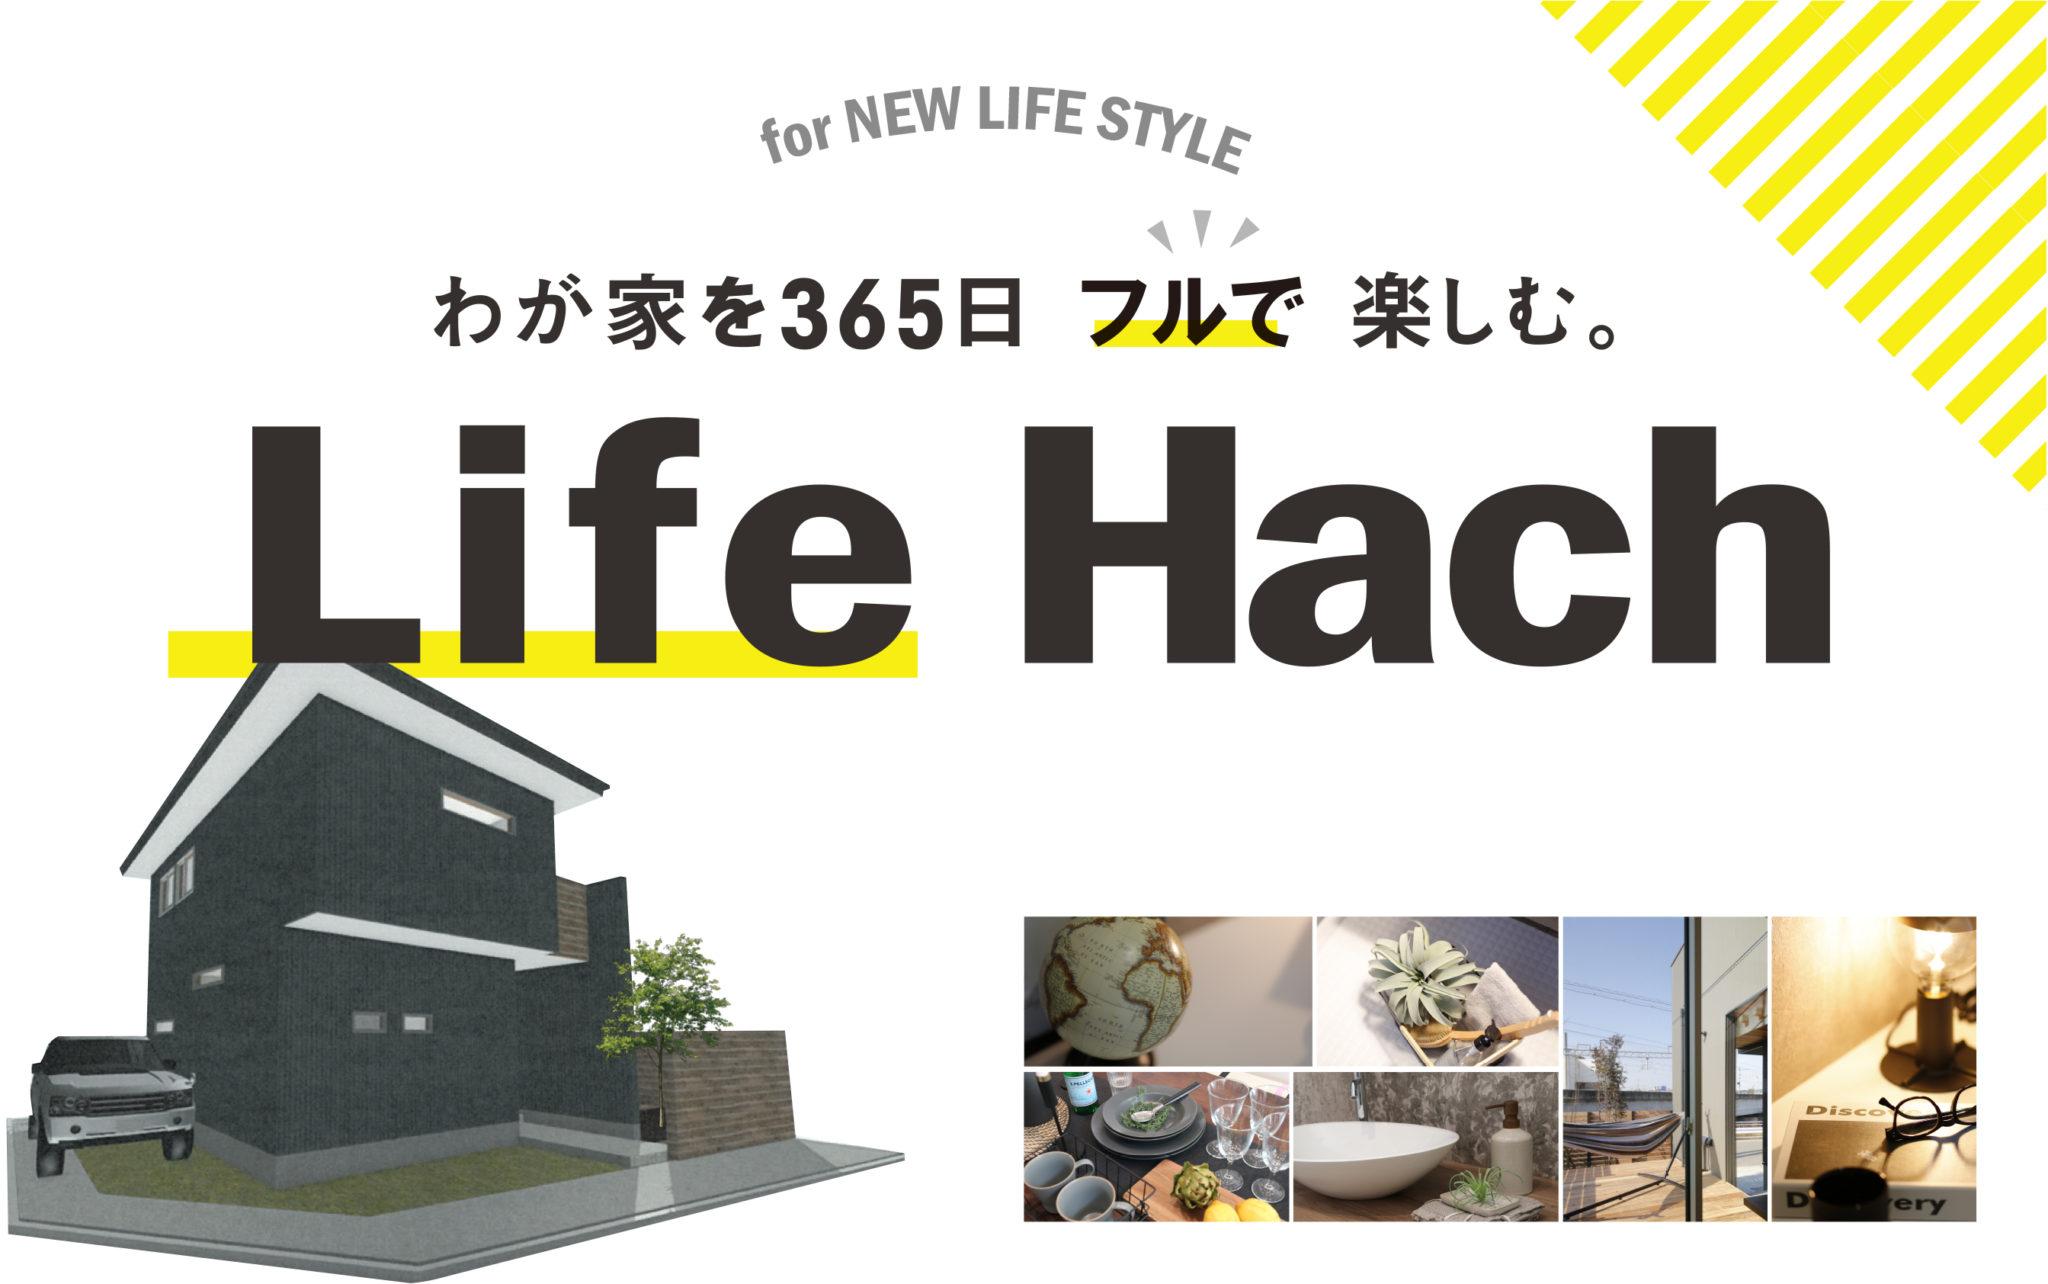 「わが家を365日フルで楽しむ」住吉モデルハウス